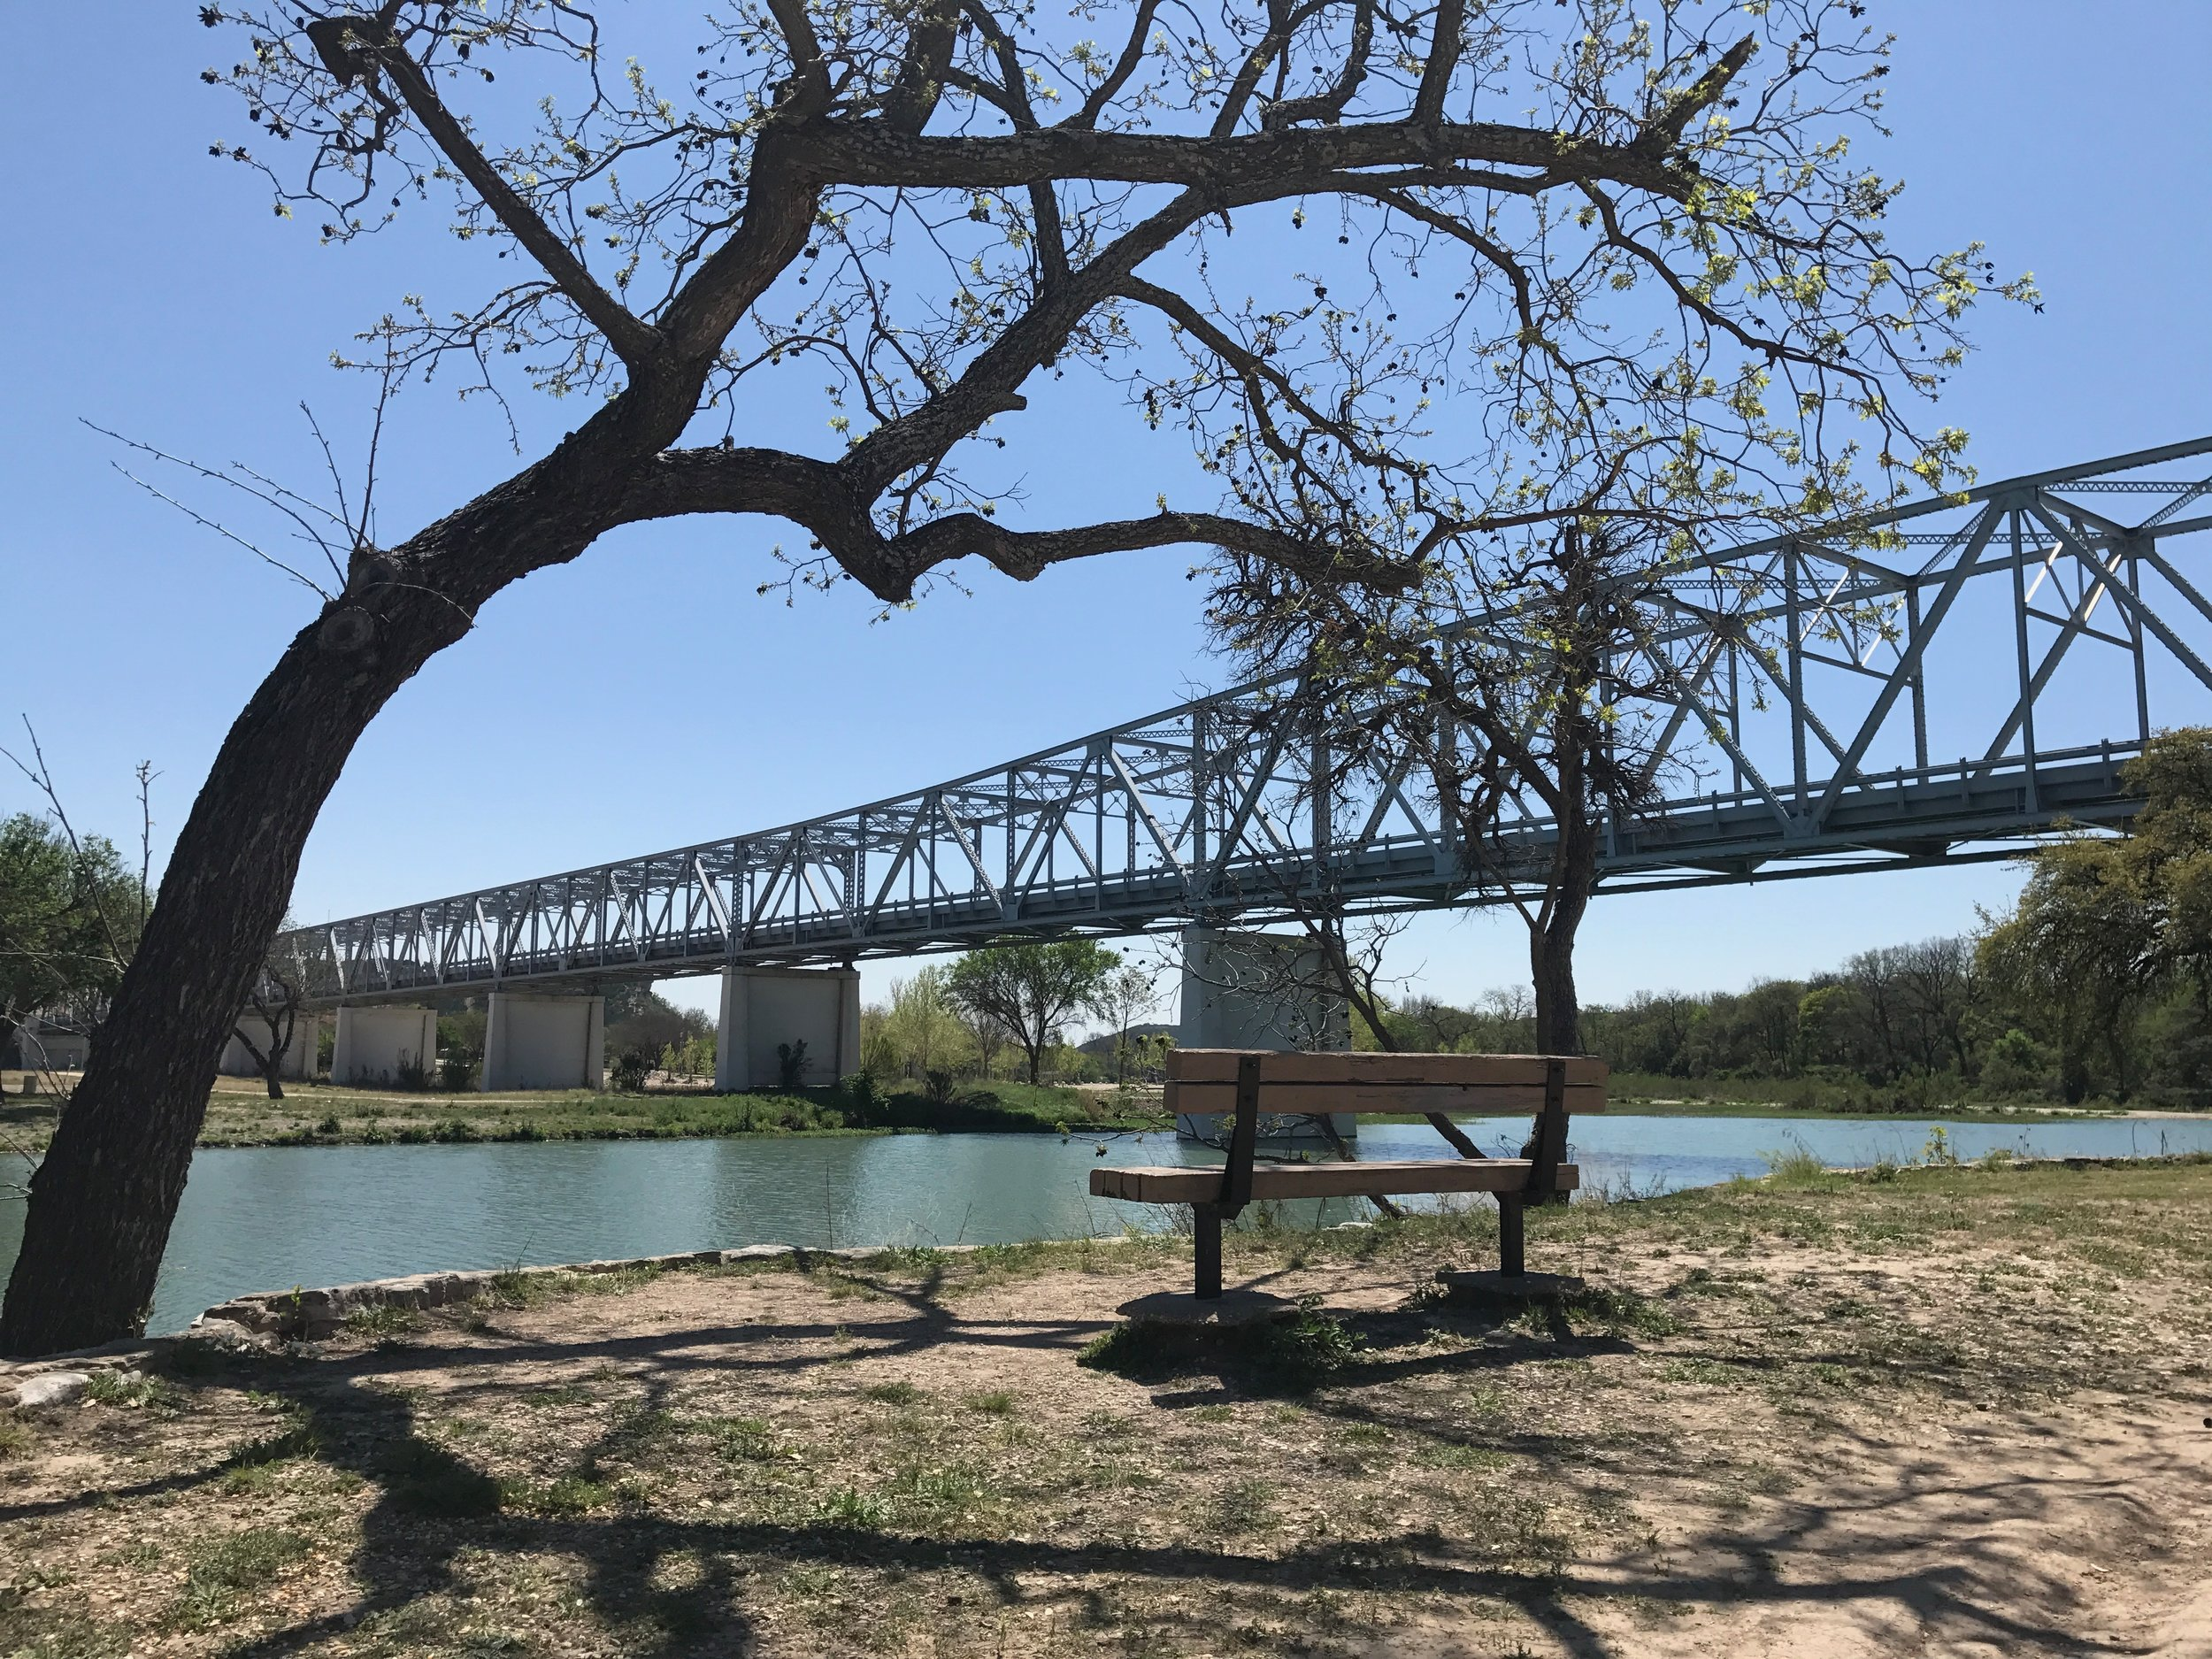 Schreiner Park in Junction, TX